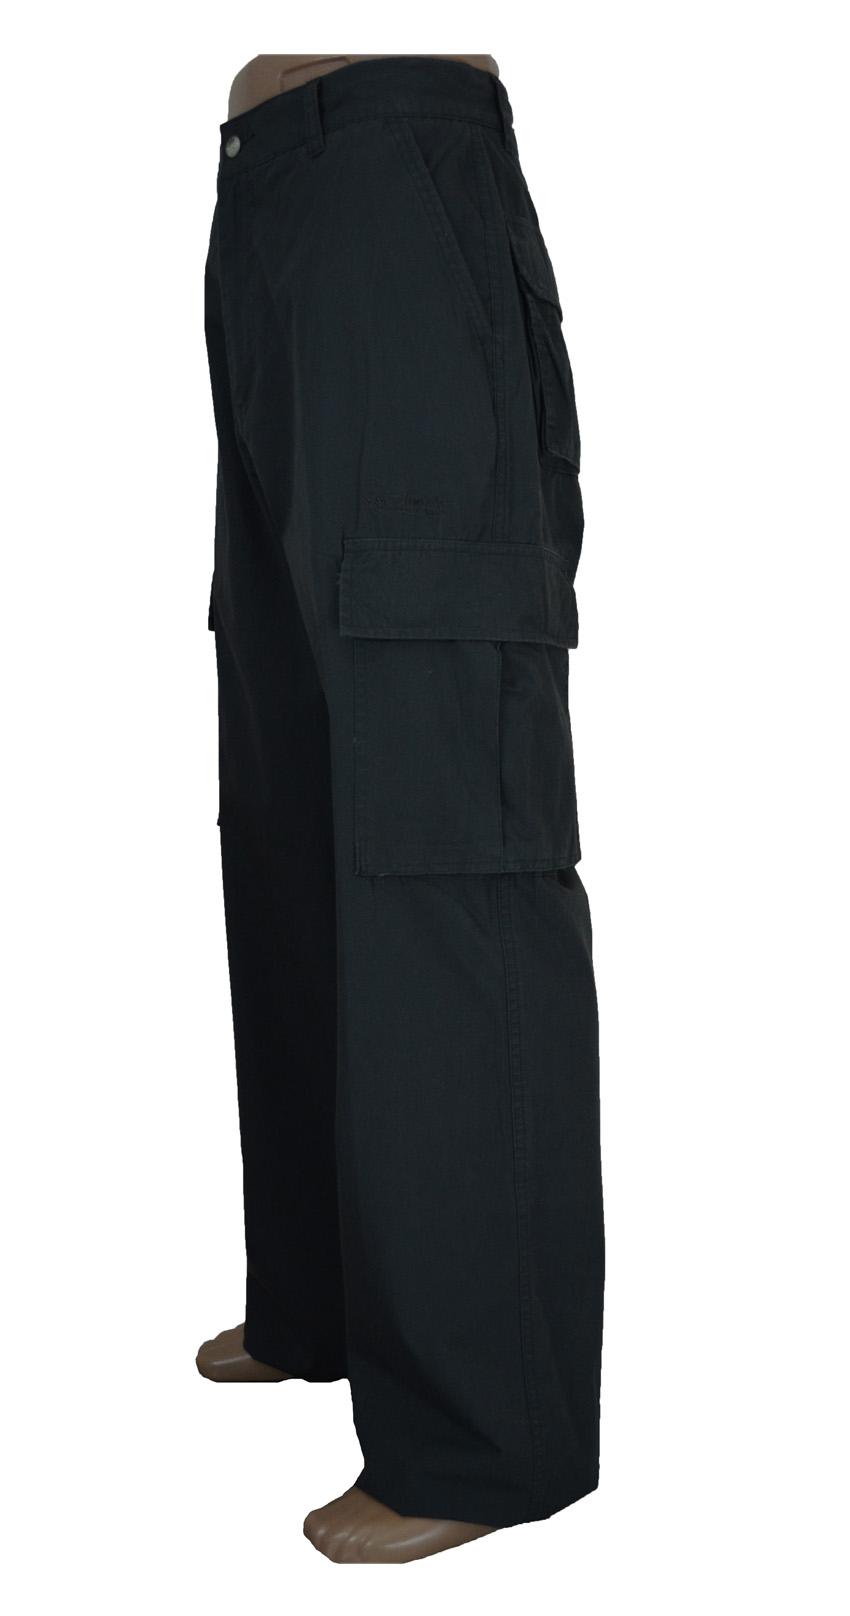 Модные классические женские костюмы доставка